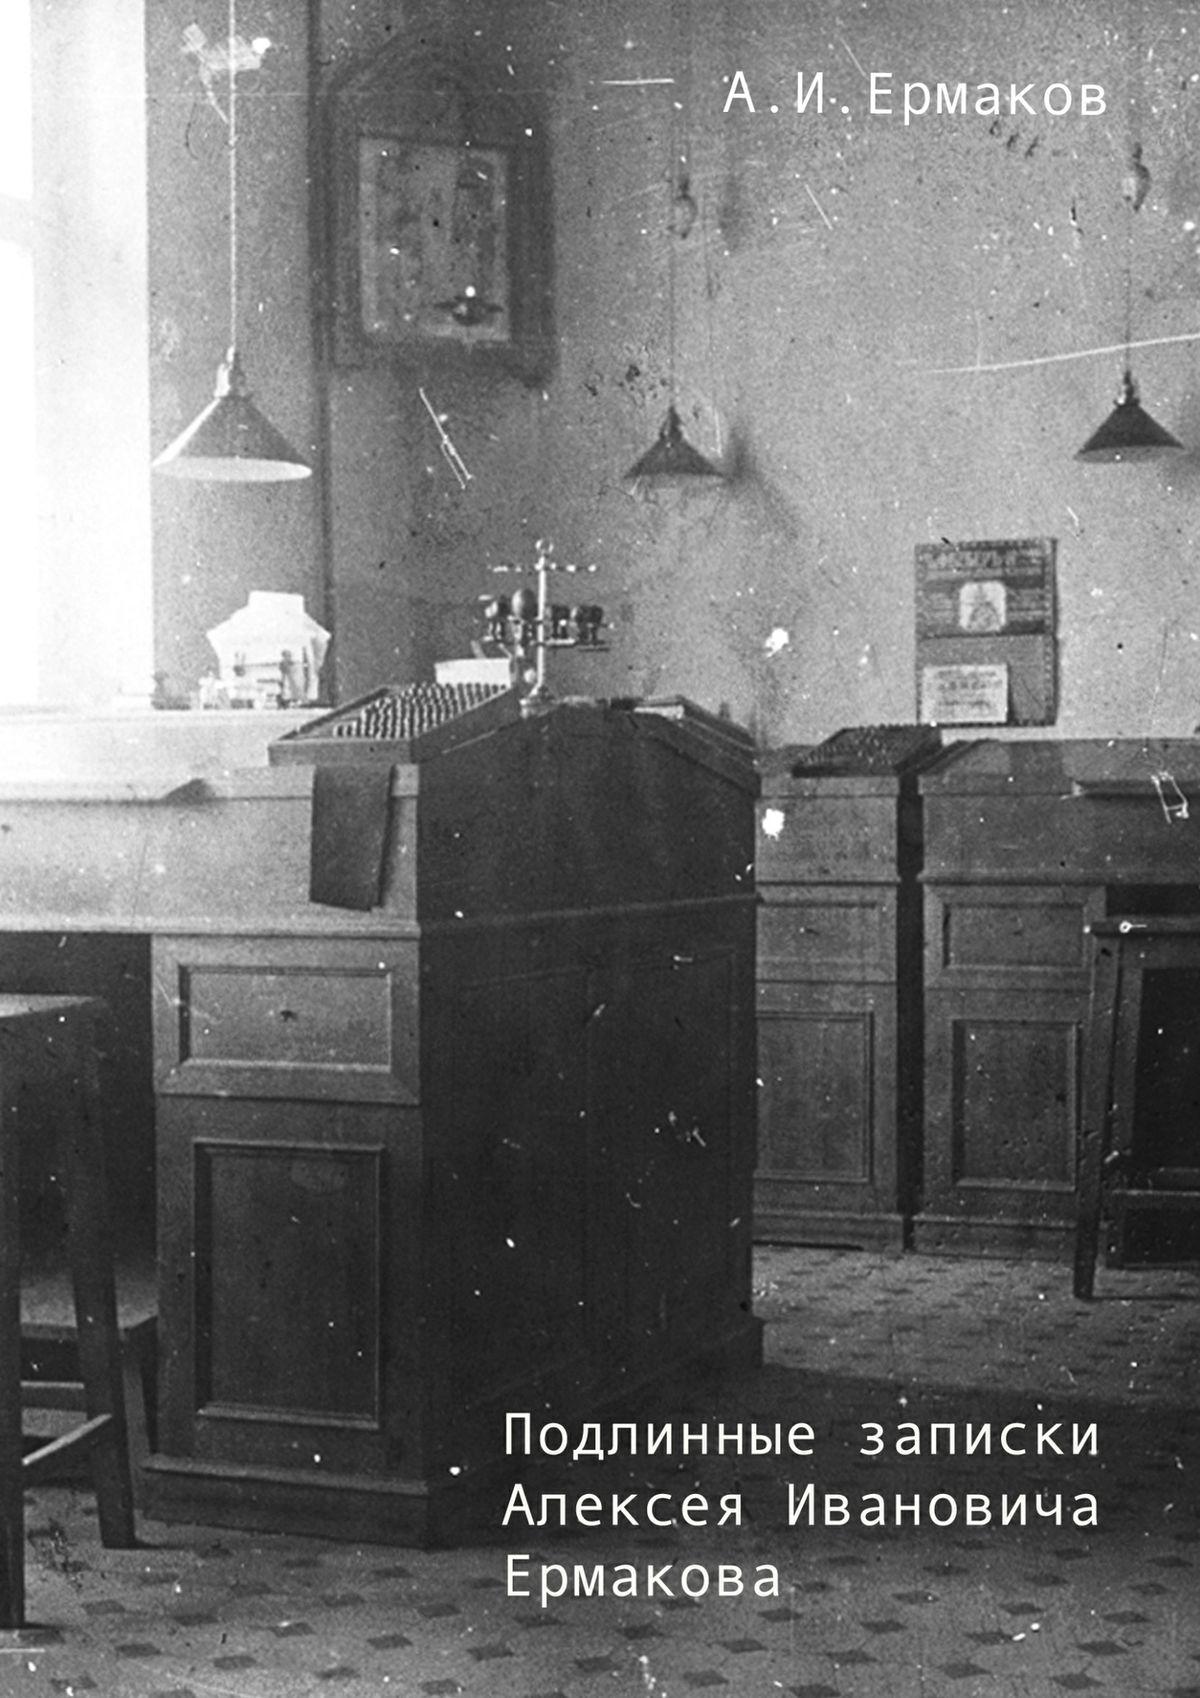 Подлинные записки Алексея Ивановича Ермакова